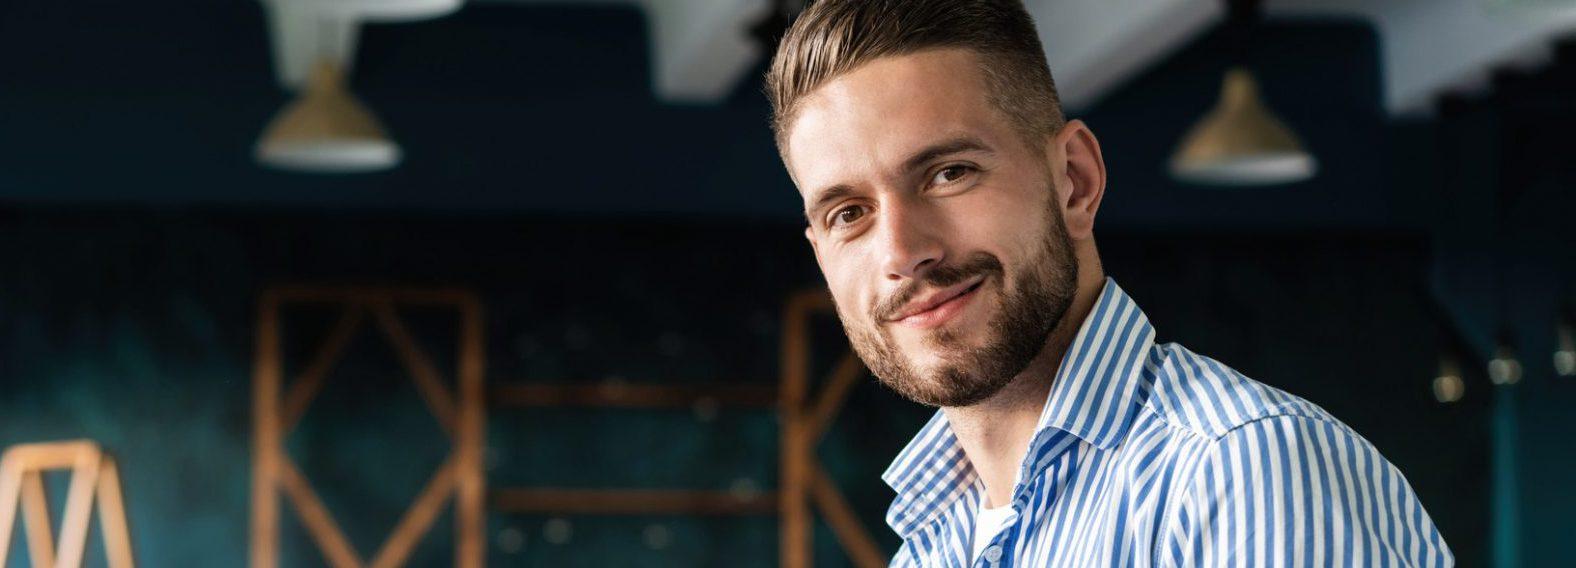 Standbouw en Standontwerp van Intraservice heeft deze lachende, enthousiaste marketing manager een unieke impactvolle stand opgeleverd